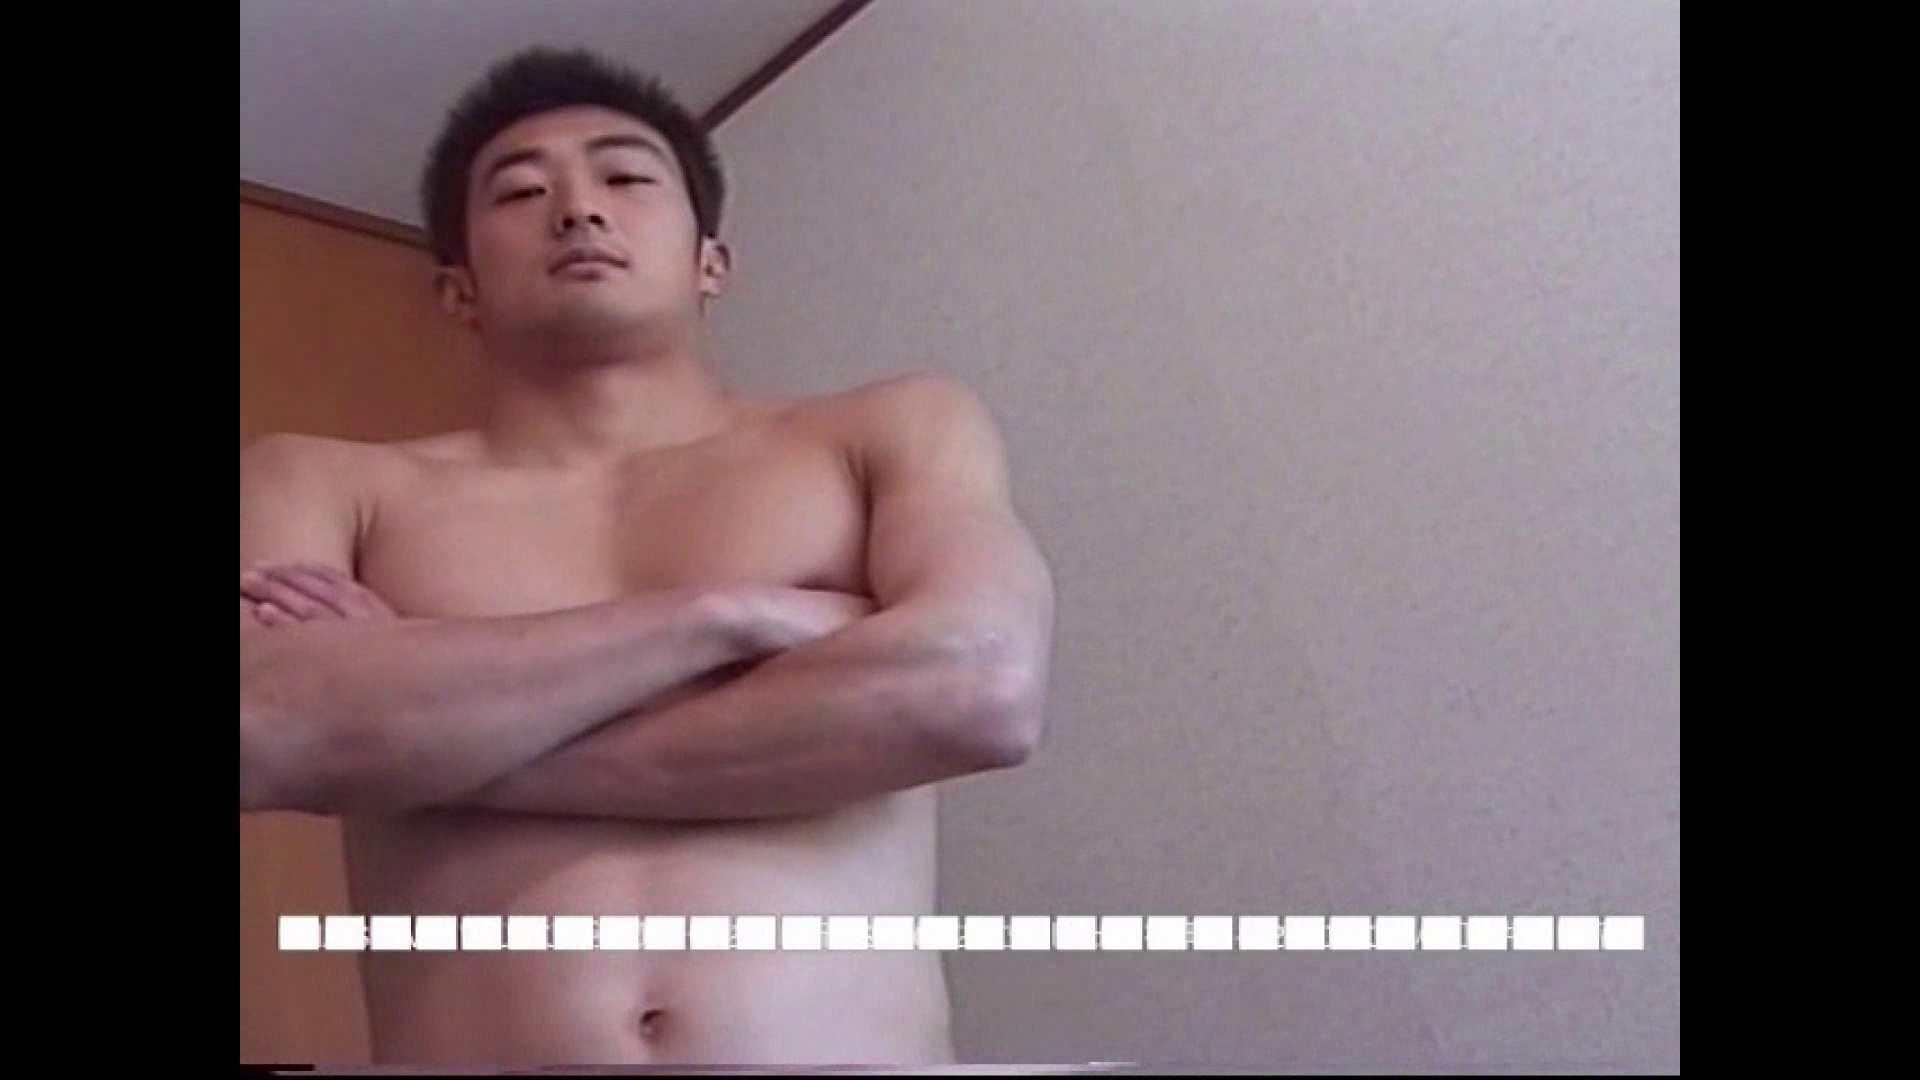 オナれ!集まれ!イケてるメンズ達!!File.40 私服   ノンケのオナニー  77連発 52